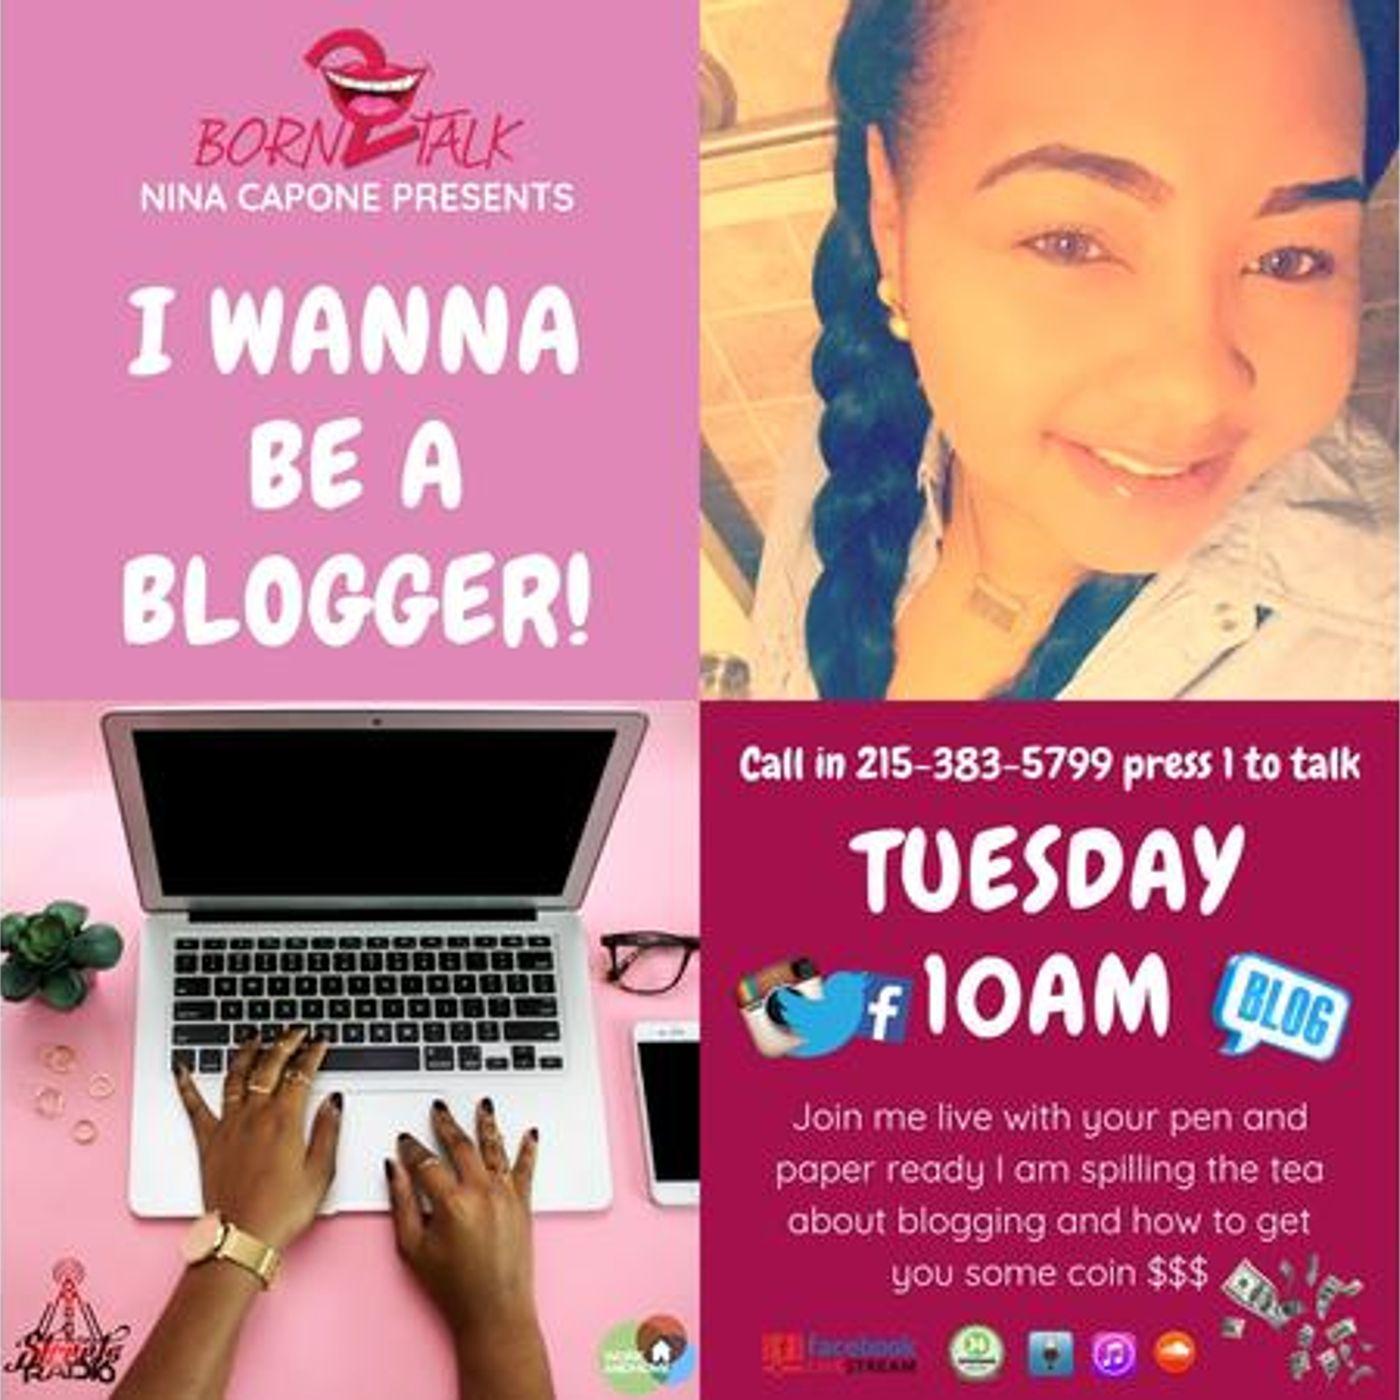 I wanna be a Blogger!